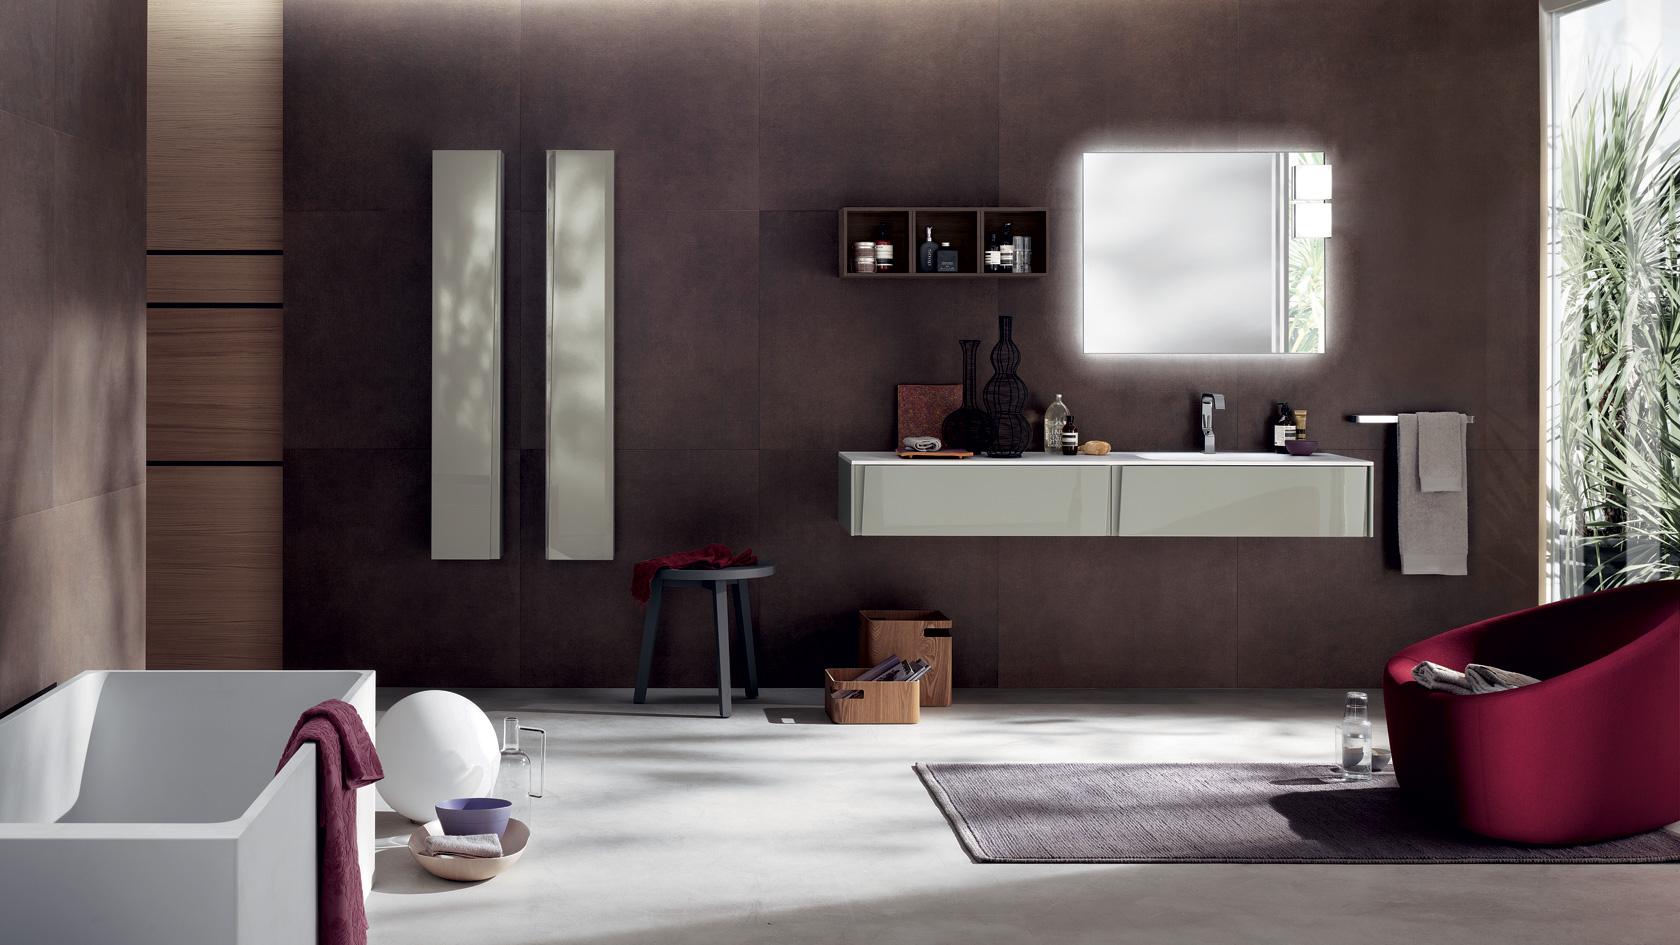 Mobili bagno moderni scegli il design e l 39 eleganza scavolini - Accessori bagno moderni ...